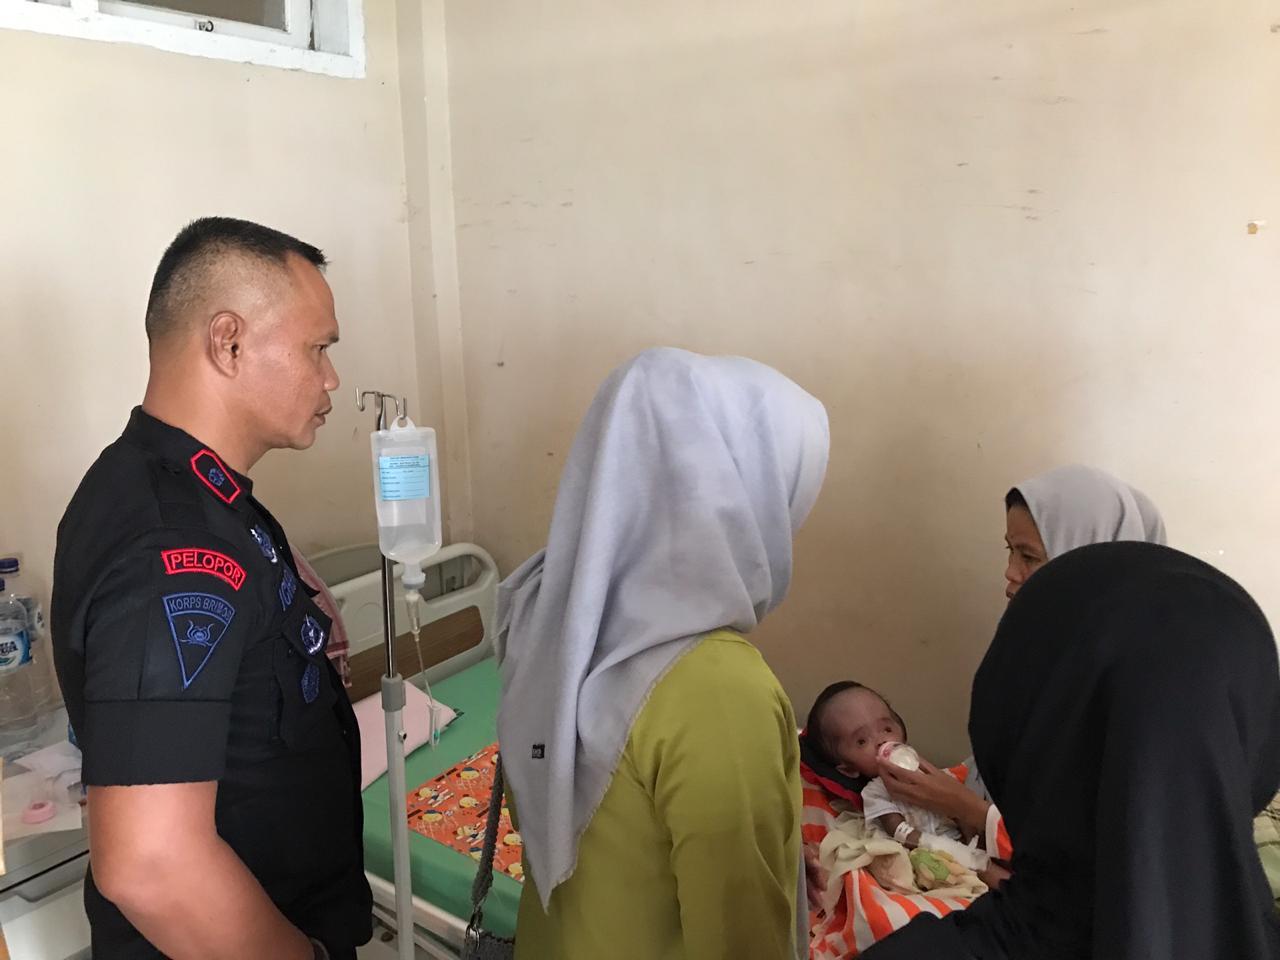 Danyon C Pelopor dan Ibu Ketua Bhayangkari Ranting Yon C Pelopor Kunjungi Bayi Penderita Hidrosefalus